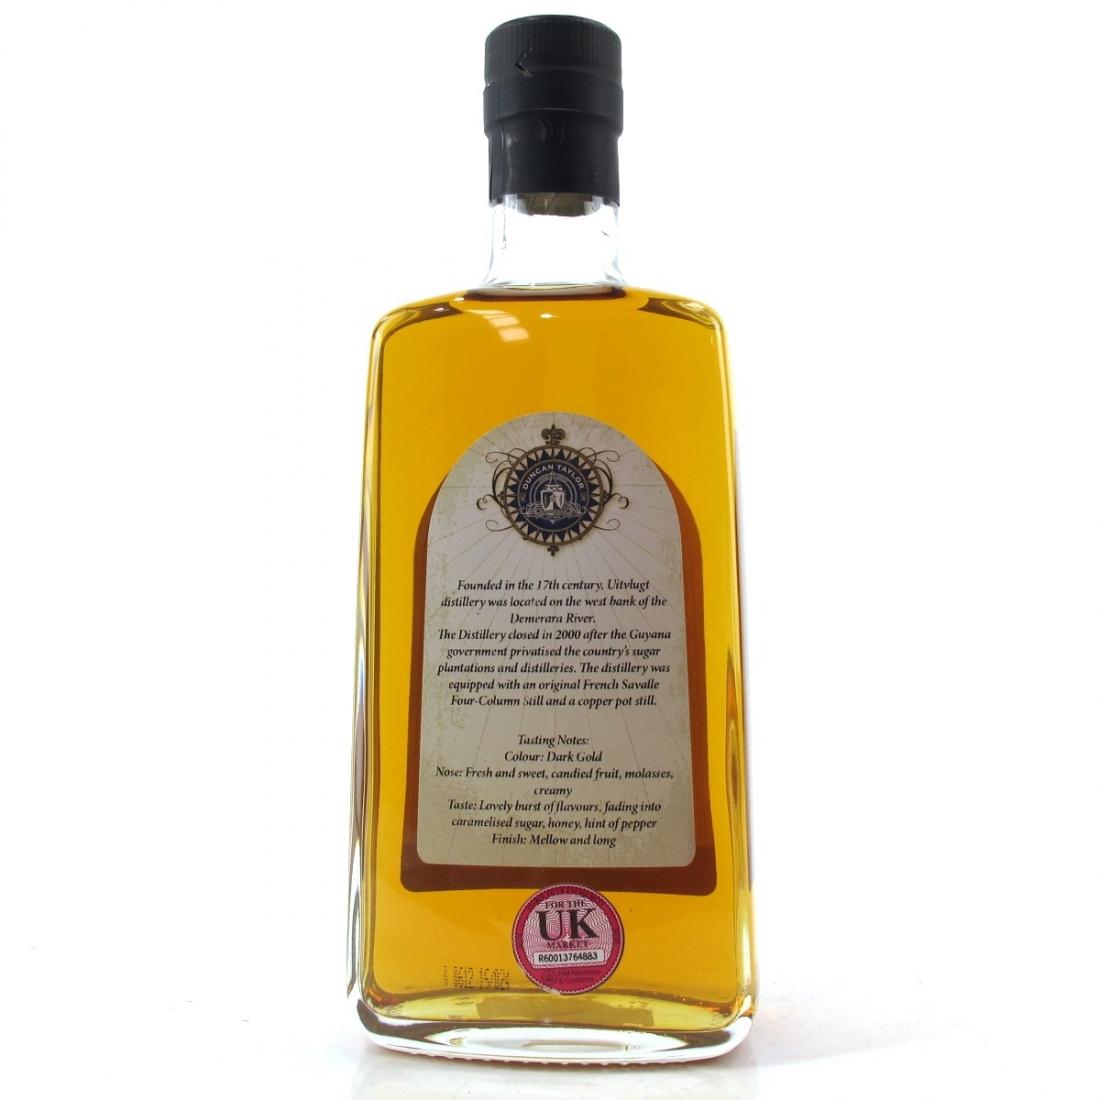 Uitvlugt 1997 Duncan Taylor 18 Year Old Single Cask Rum